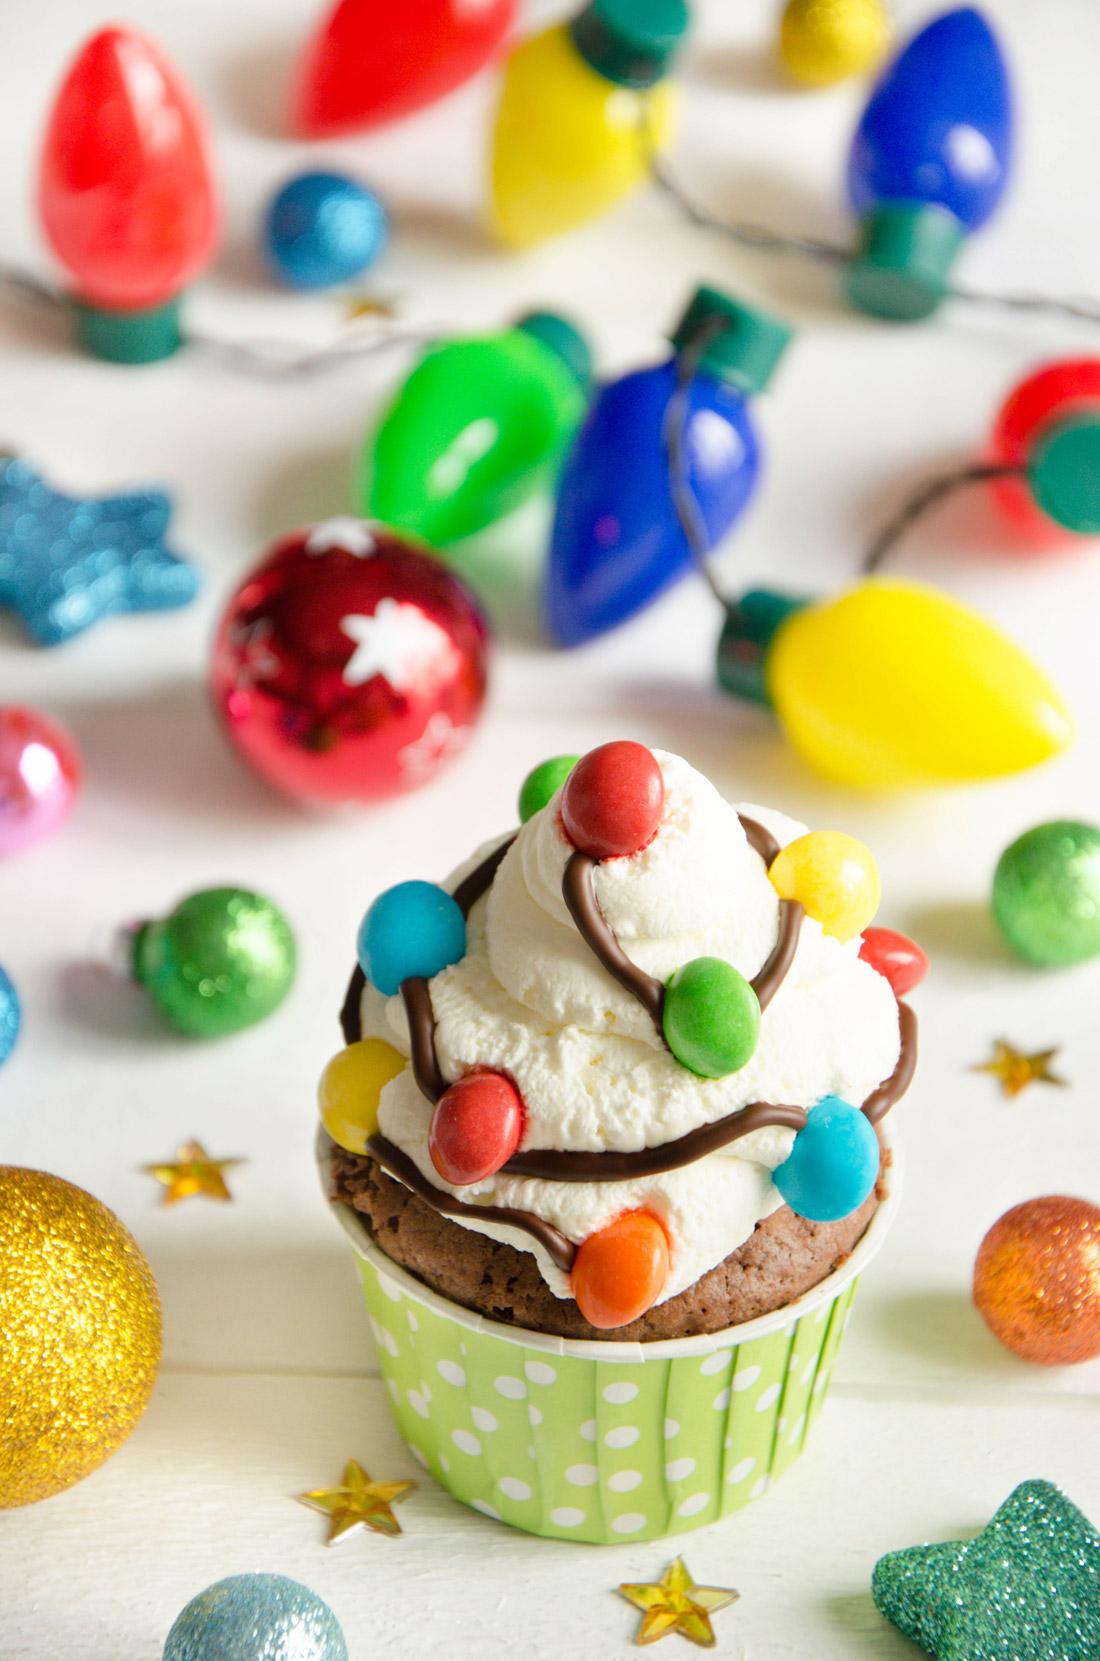 cupcakes guirlandes de Noël décorés avec de la chantilly et des skittles